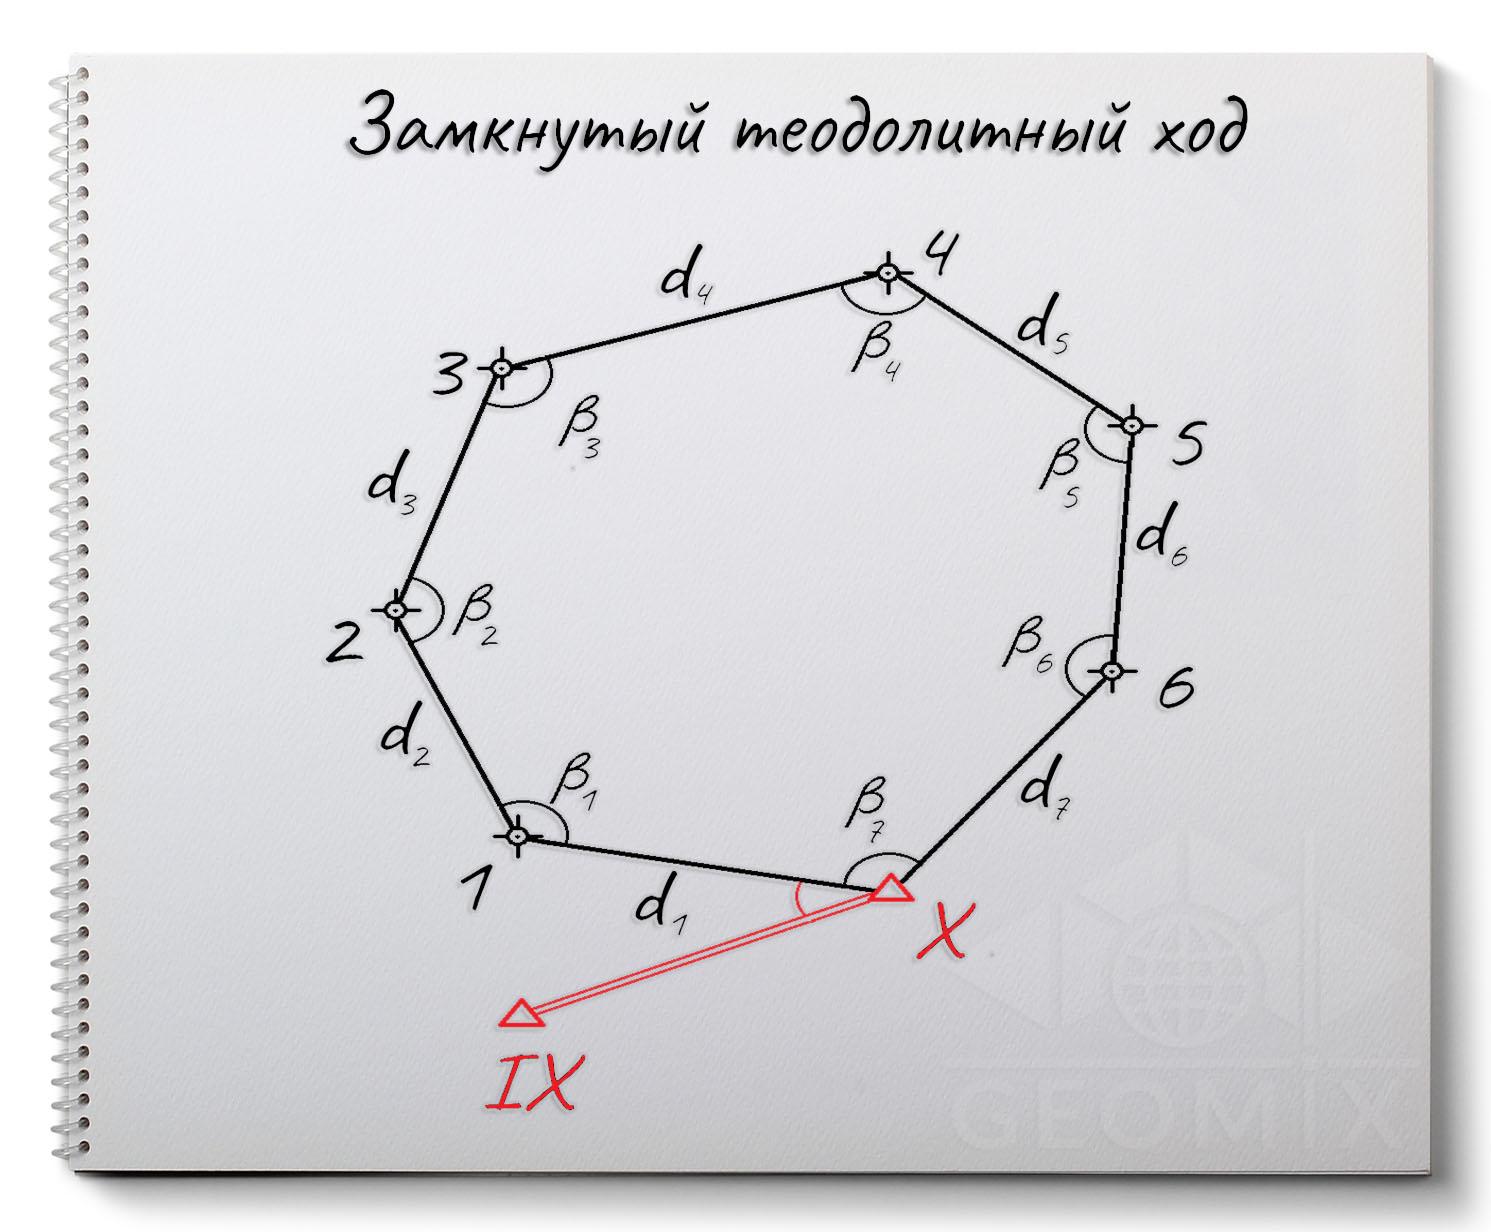 Замкнутый теодолитный ход: обработка и методика рассчета координат